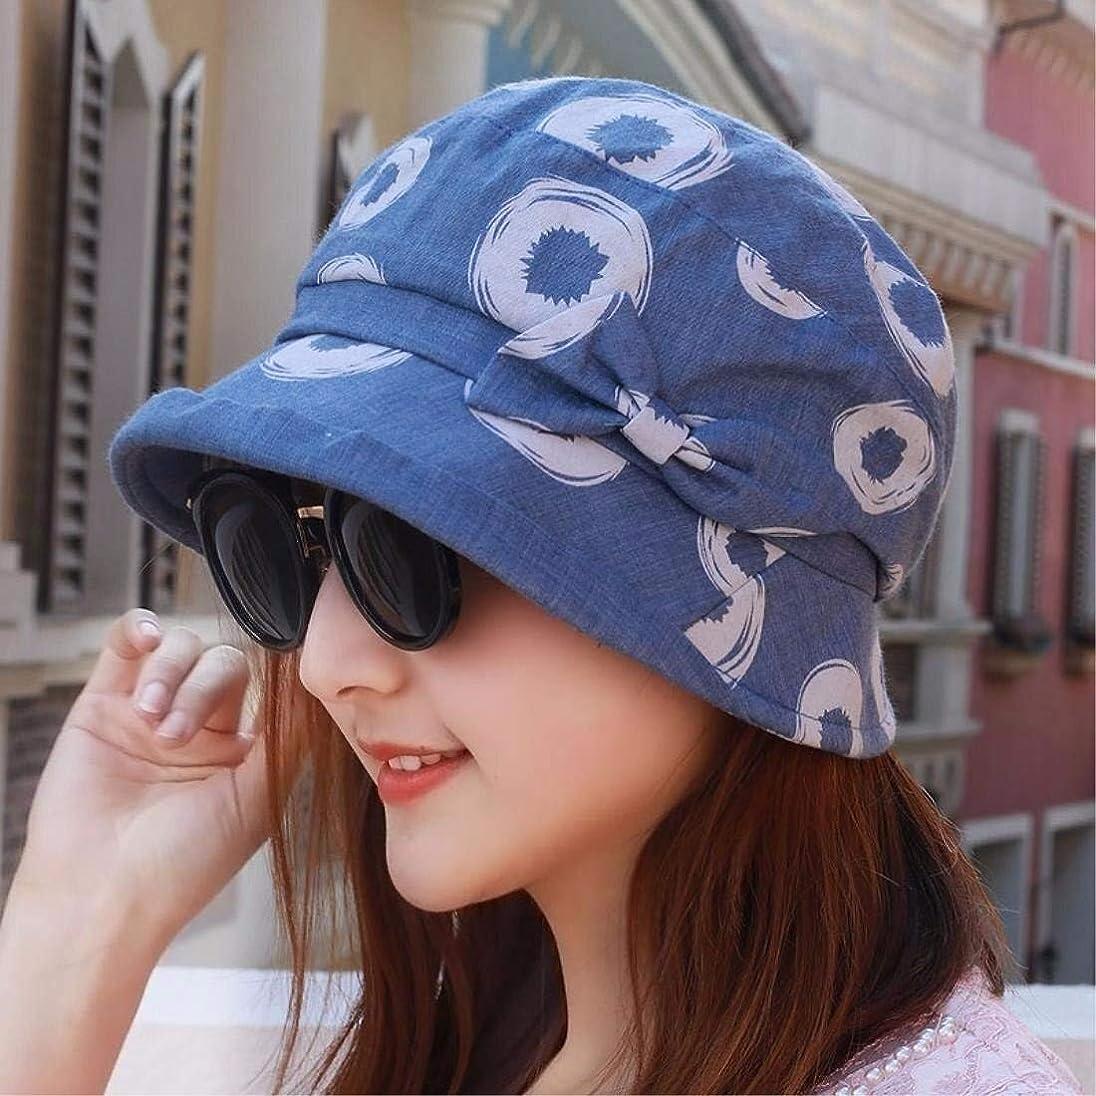 怒って豪華なポジションChuangshengnet ちょう結びの女性広いつばの調節可能な折り畳み式のバケツの帽子のための日曜日の帽子